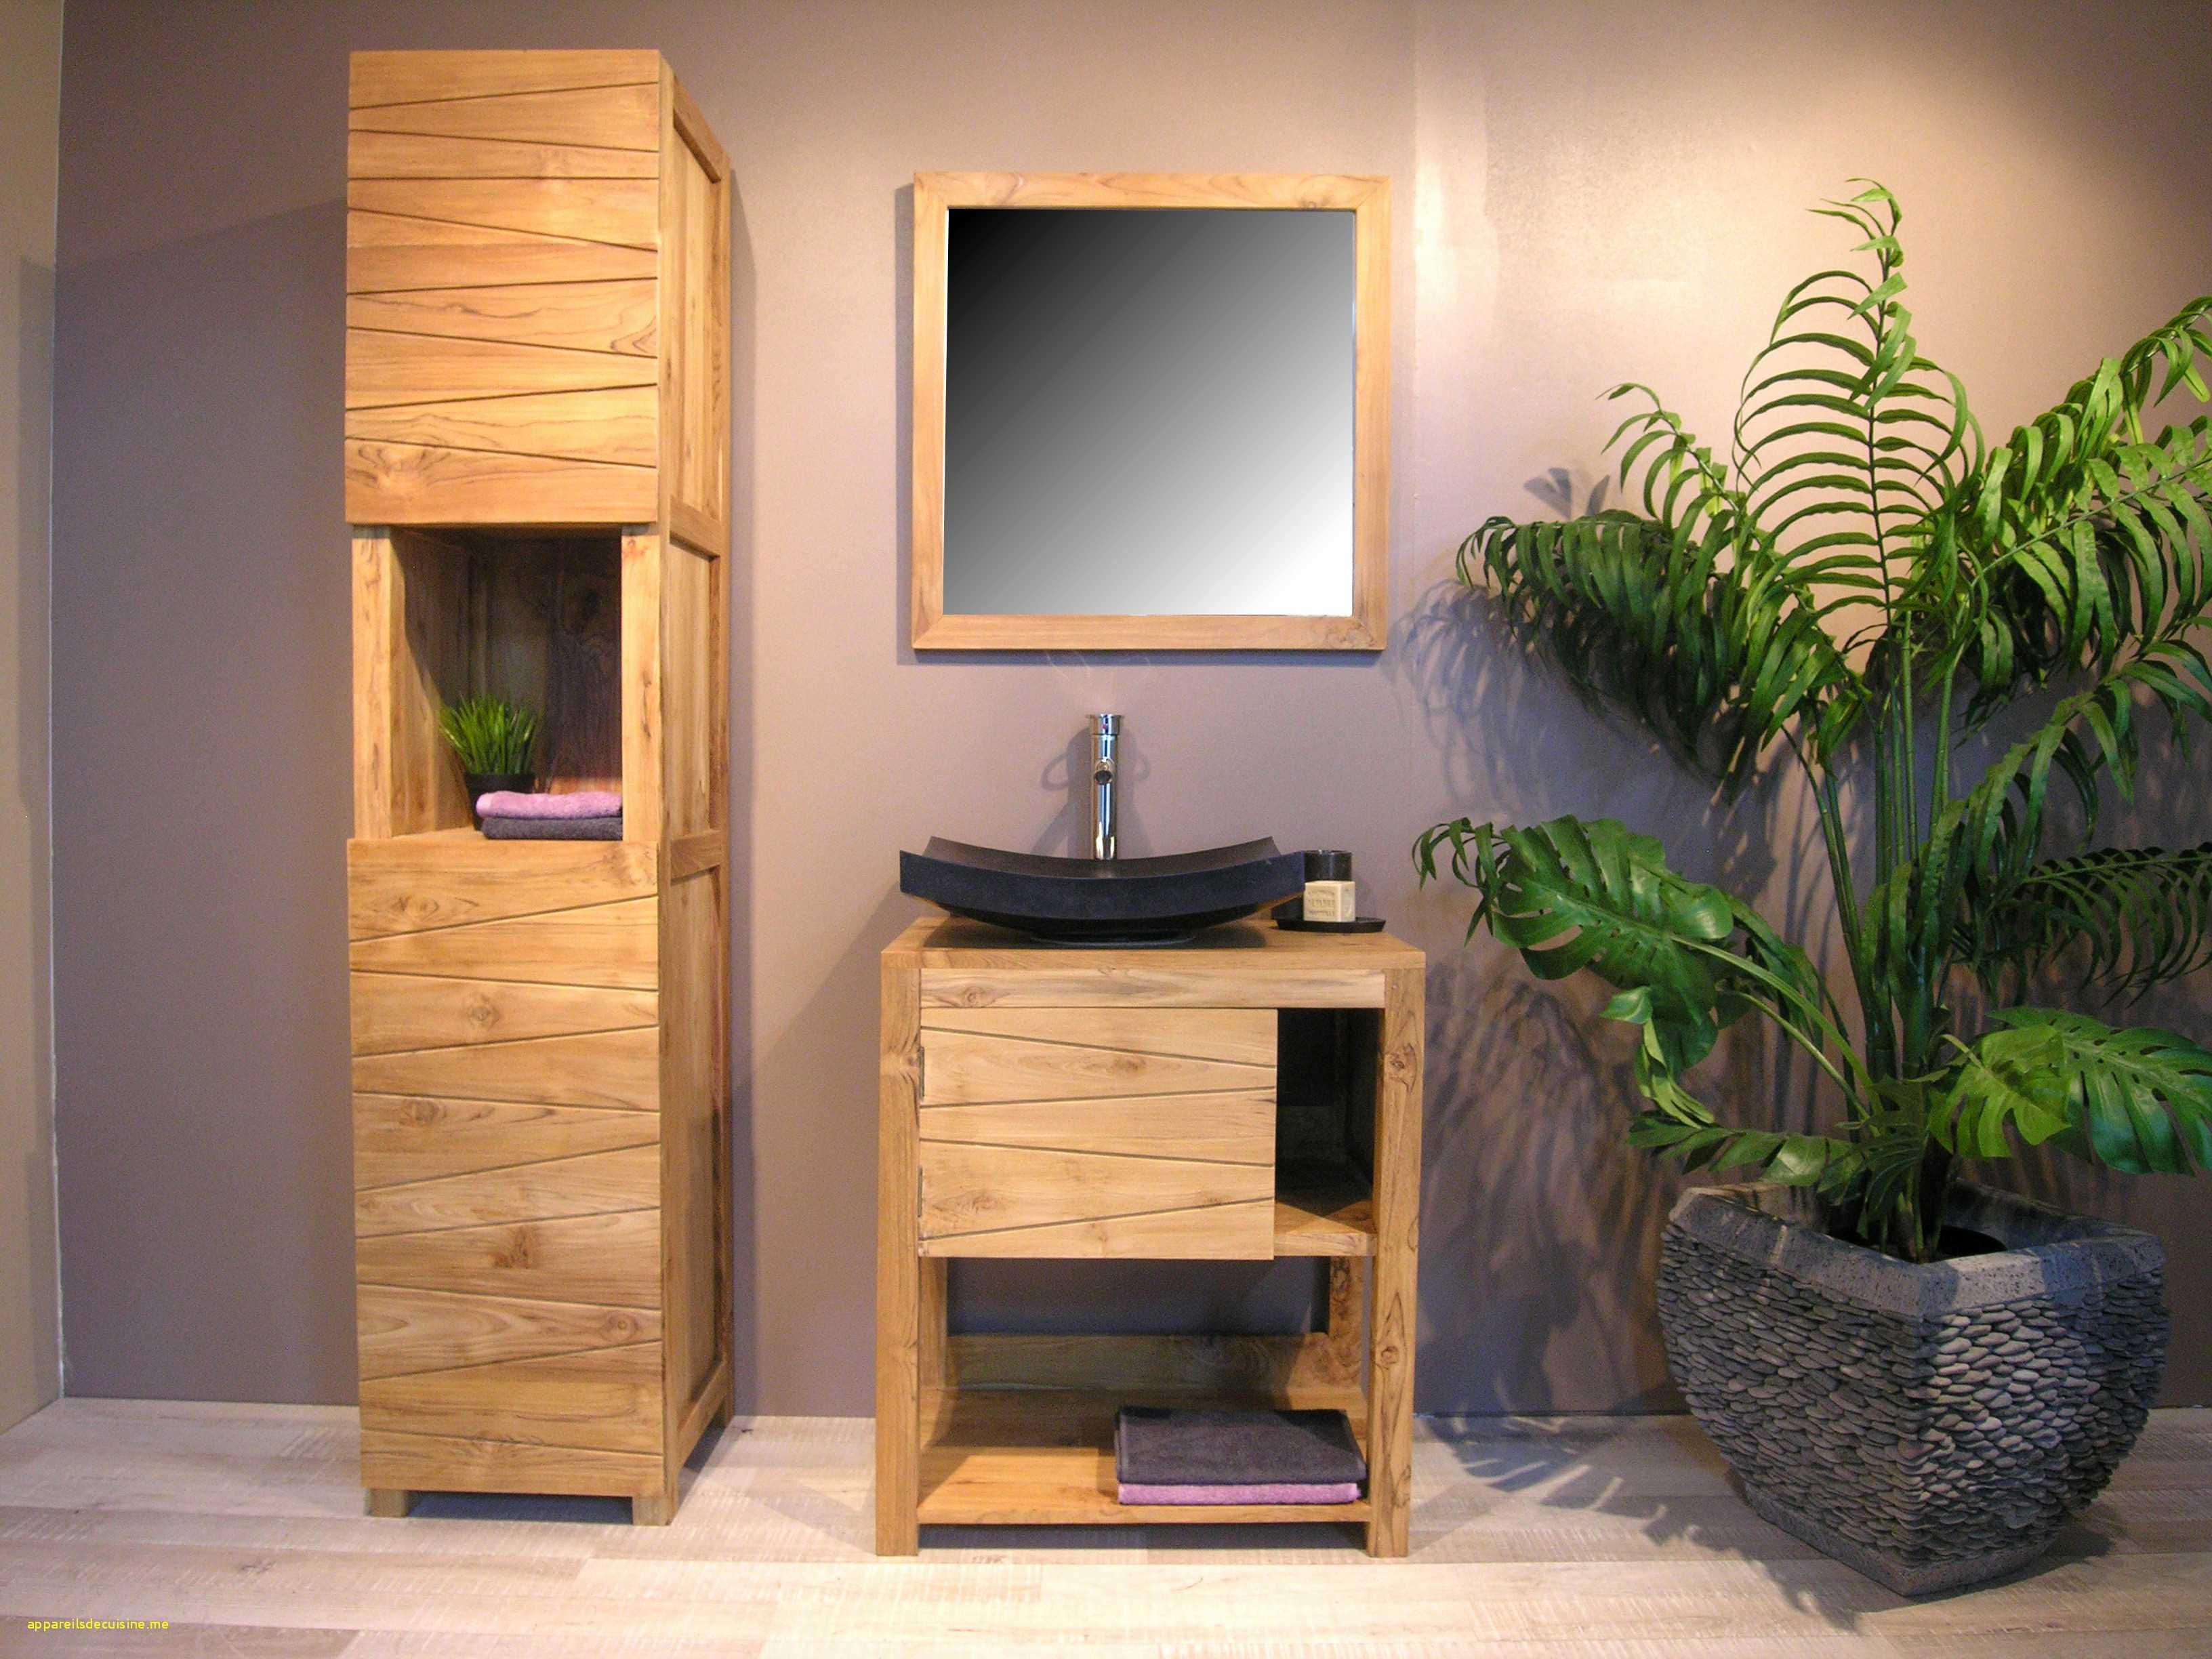 Salle De Bain Beige Et Marron Impressionnant Photos Meuble Salle De Bain Miroir Inspirant Meuble Vasque De Salle De Bain